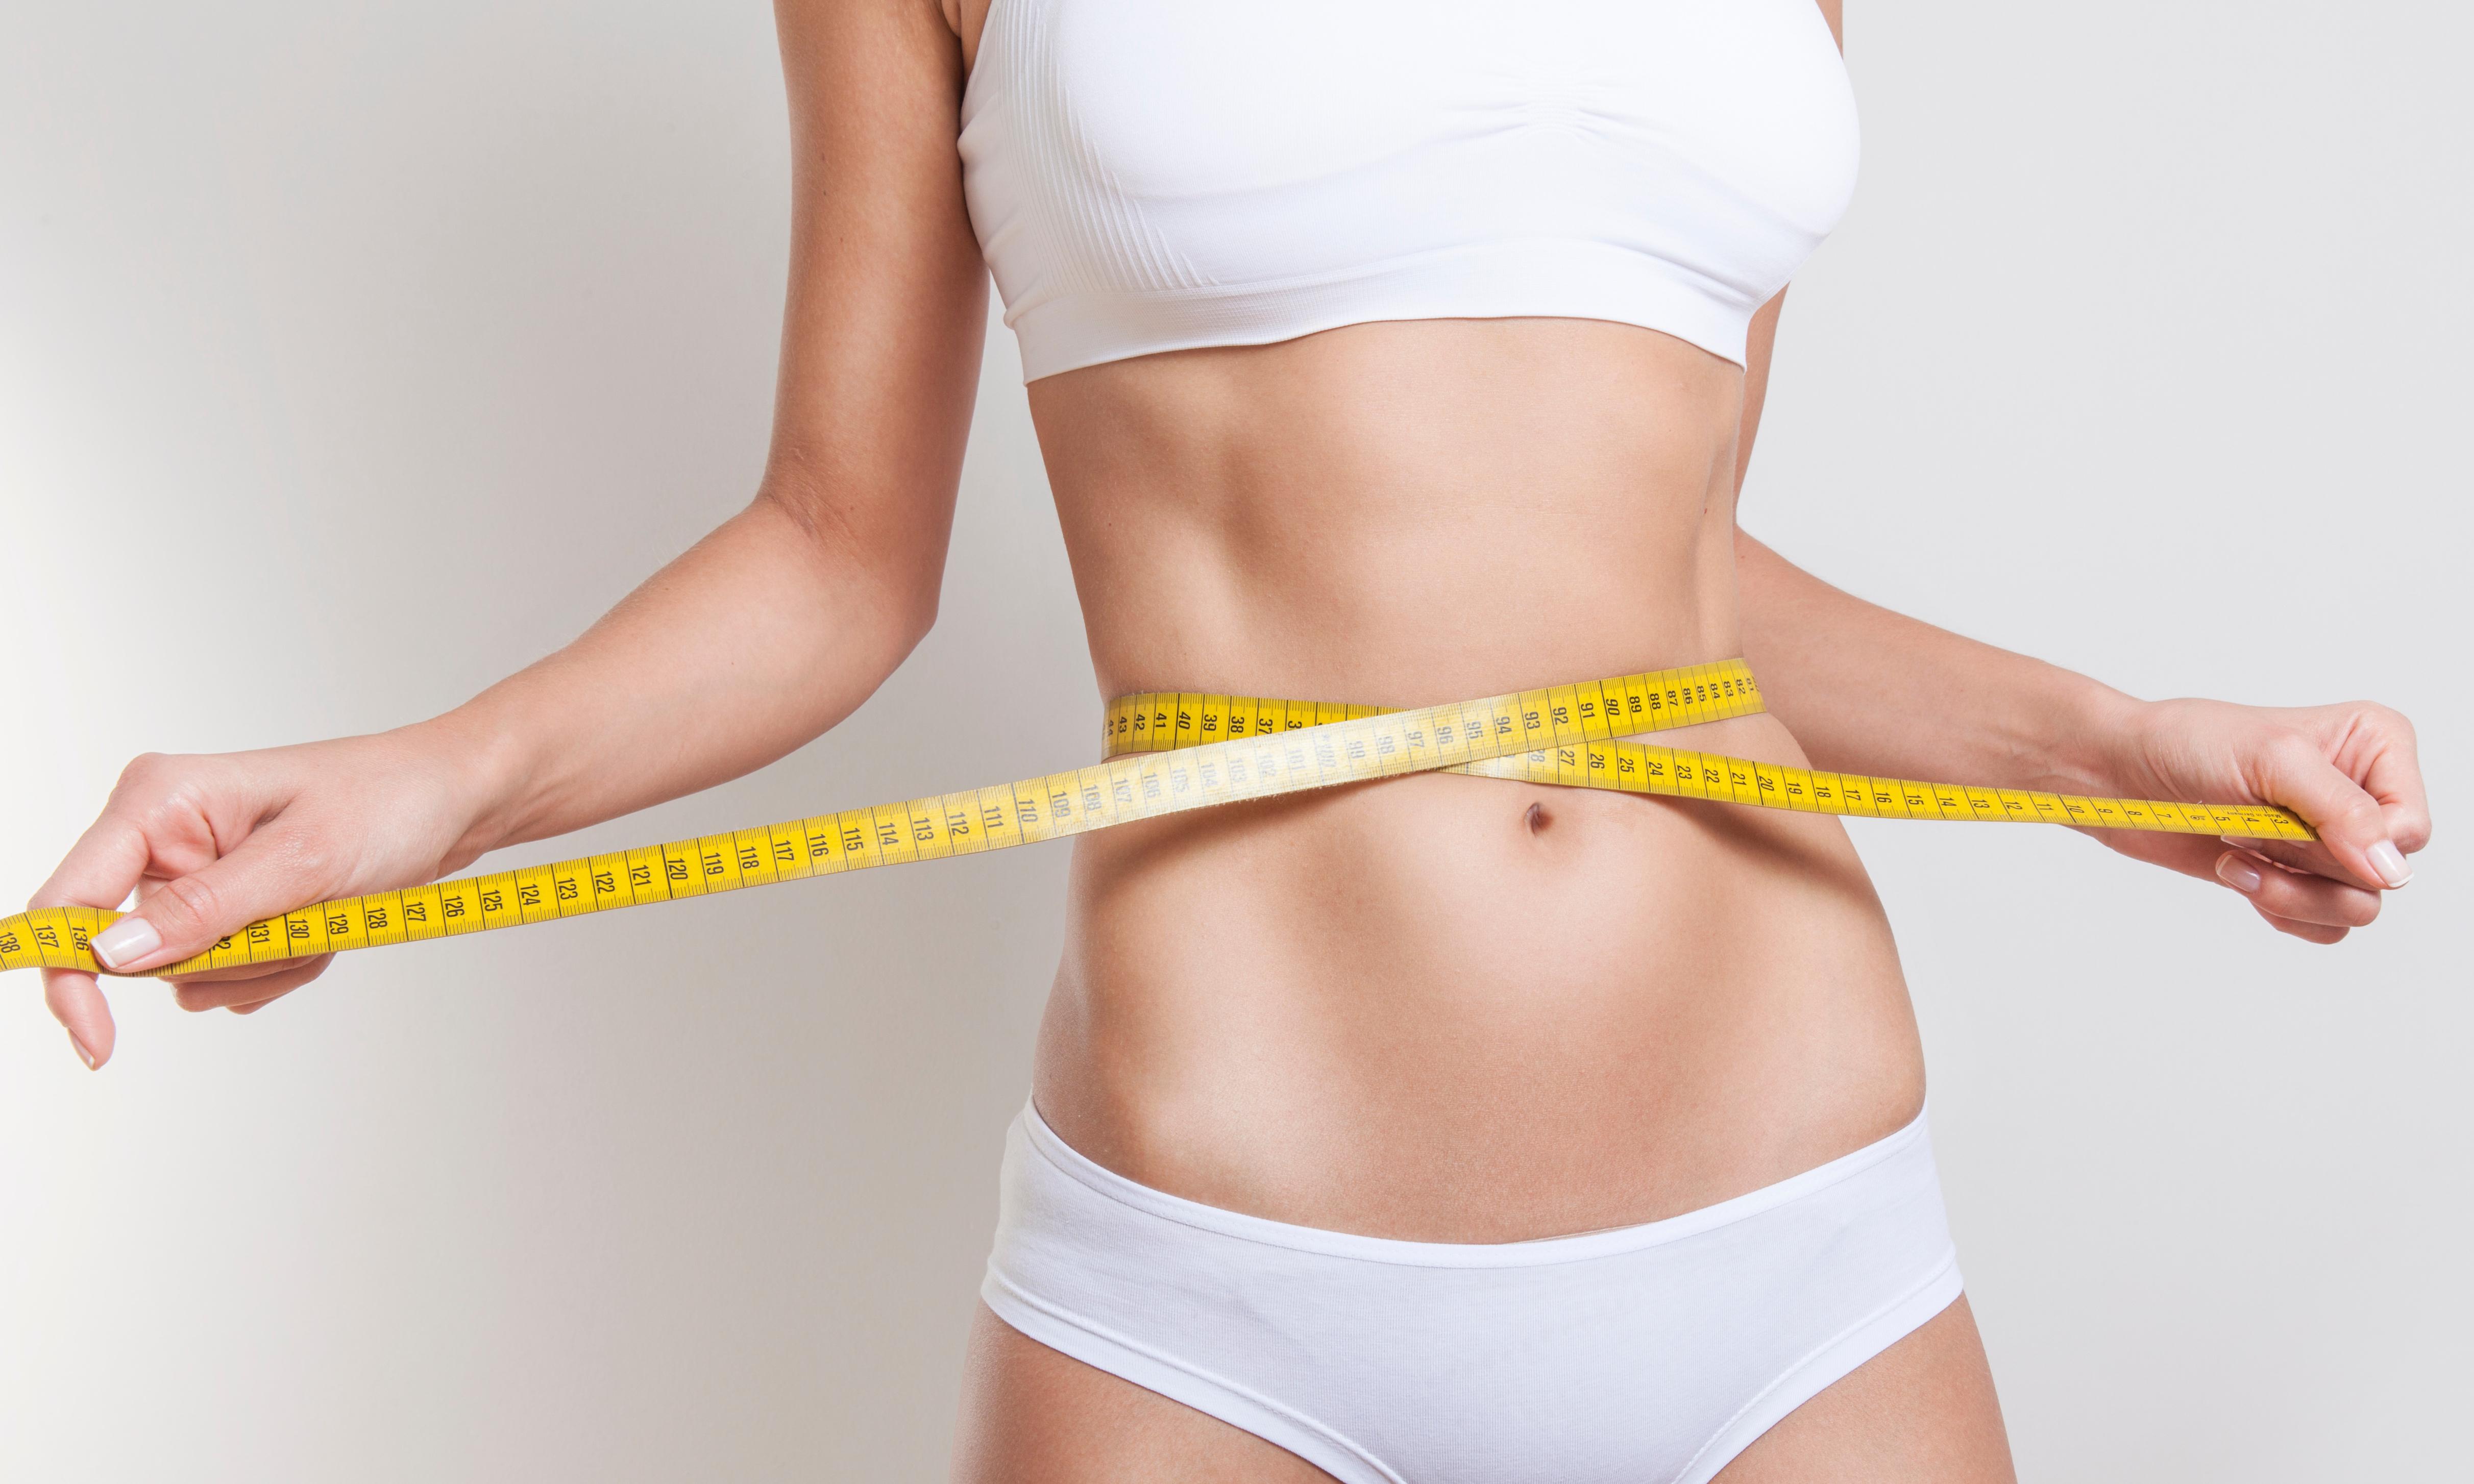 Возможно Ли Похудеть Только В Талии. Отличная подборка советов для тех, кто хочет быстро похудеть в талии и животе